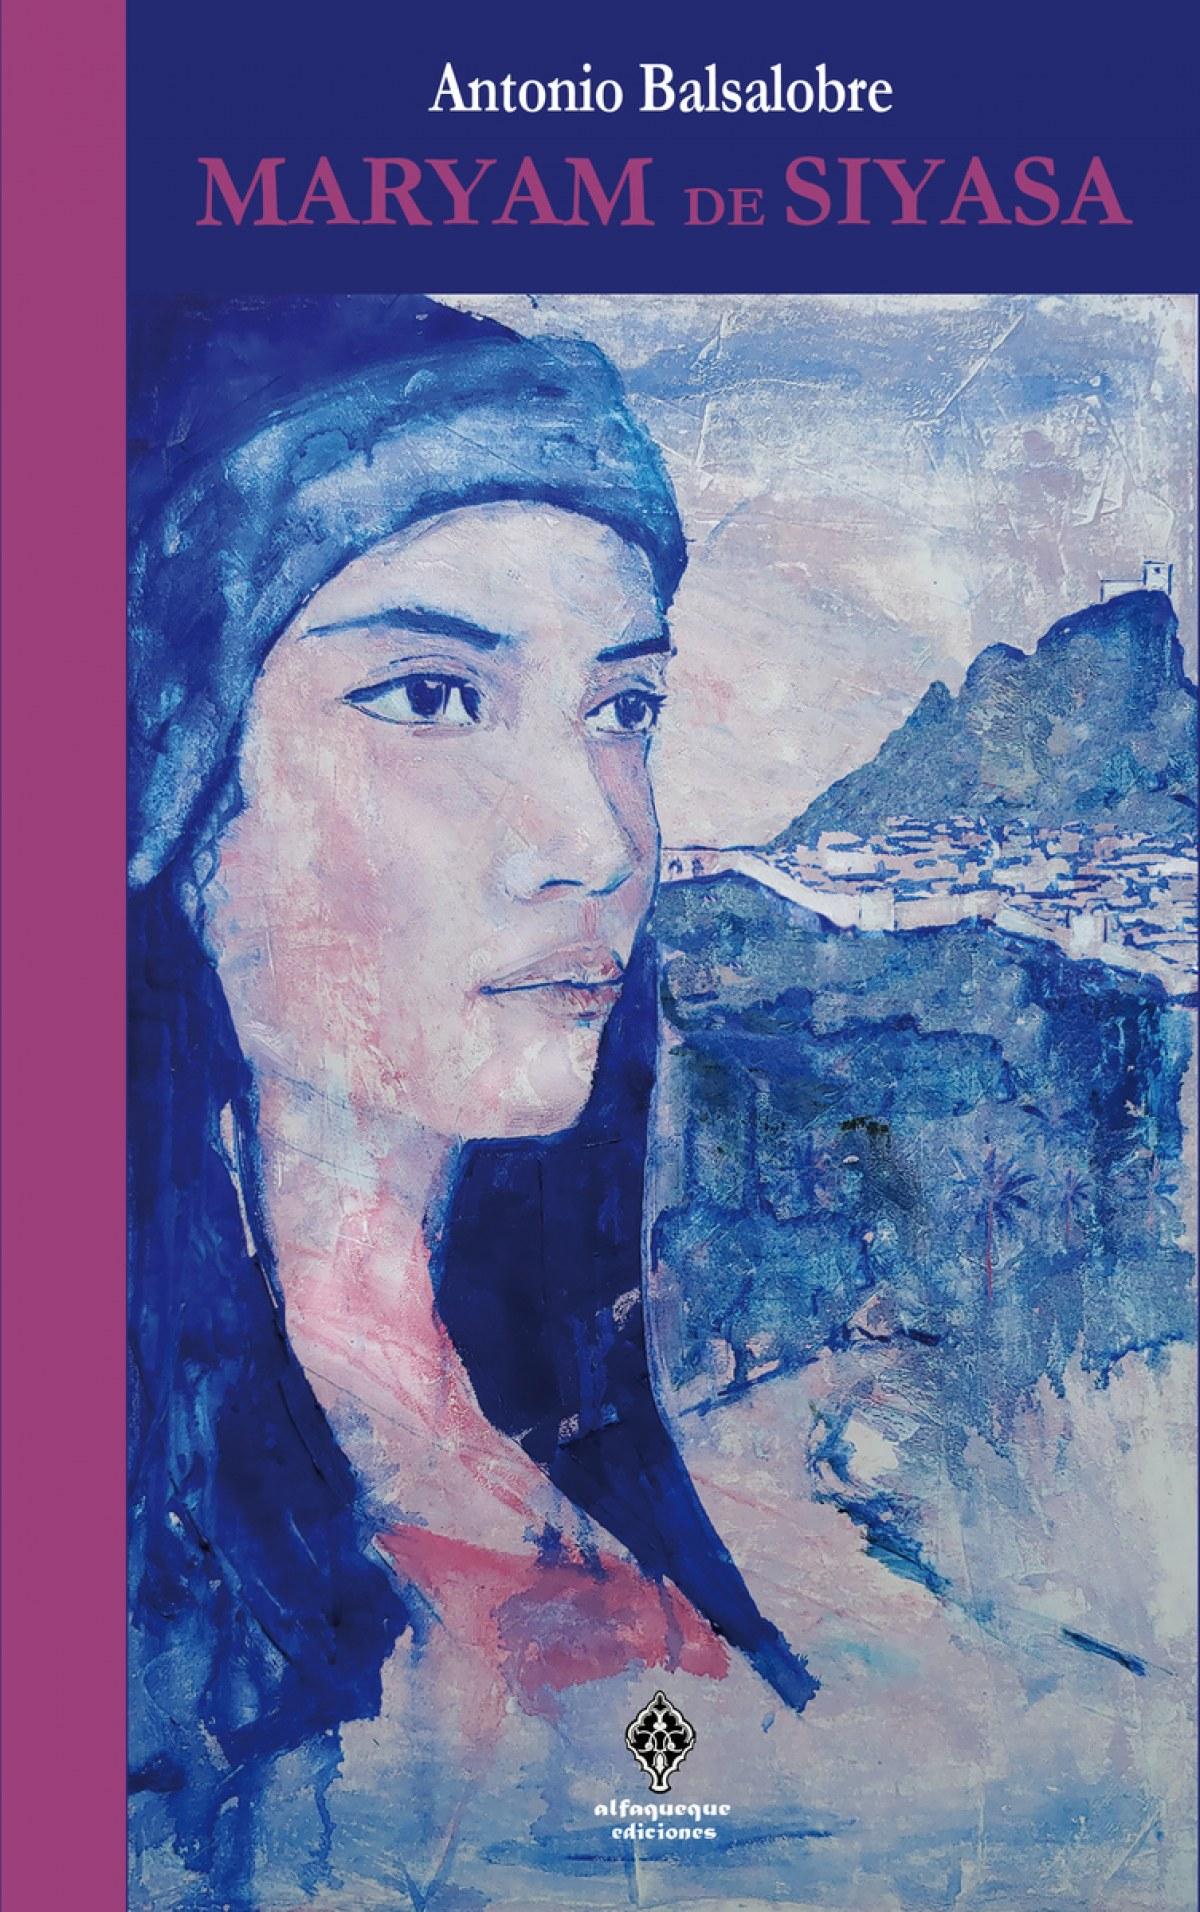 Maryam de Siyasa